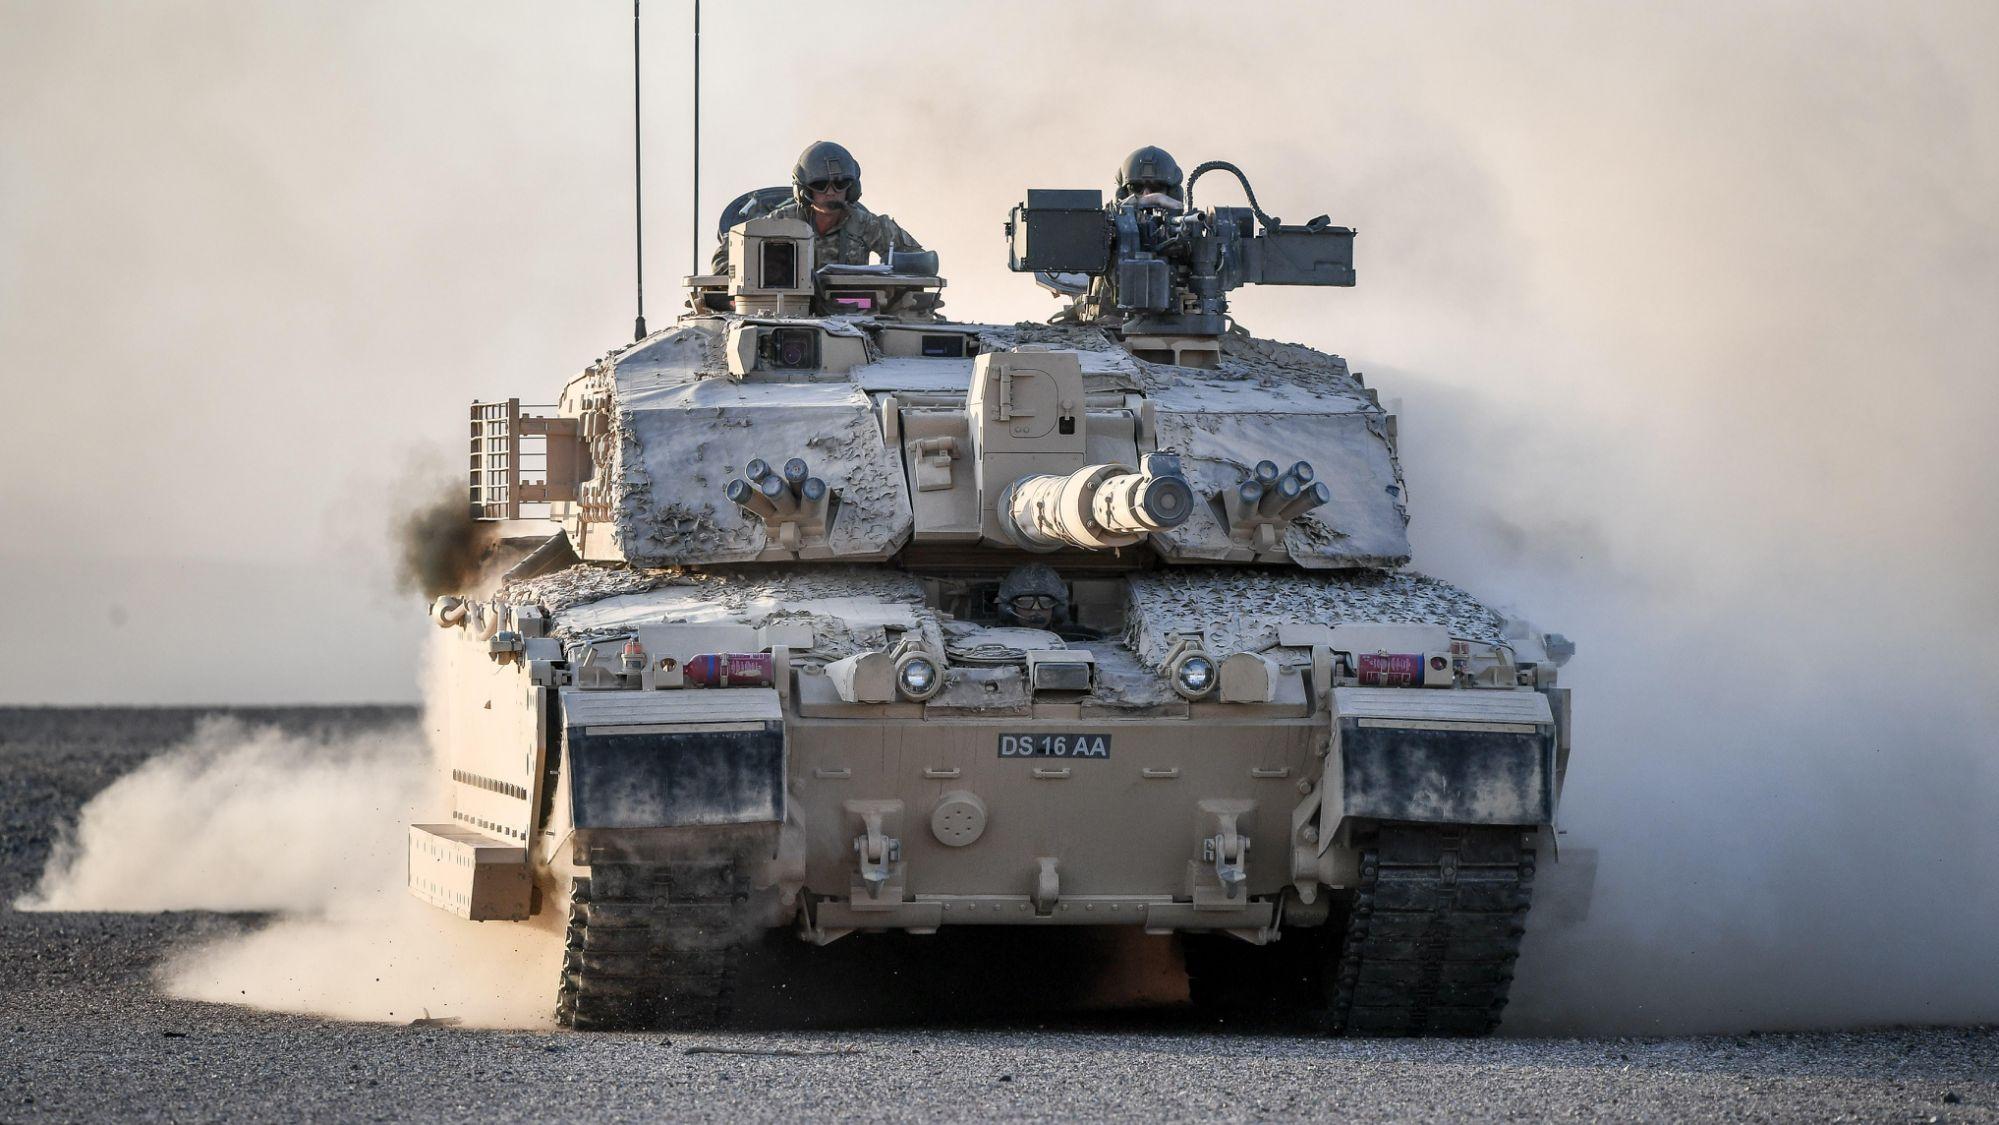 Депутаты предупредили, что британские танки будут превосходить российское вооружение